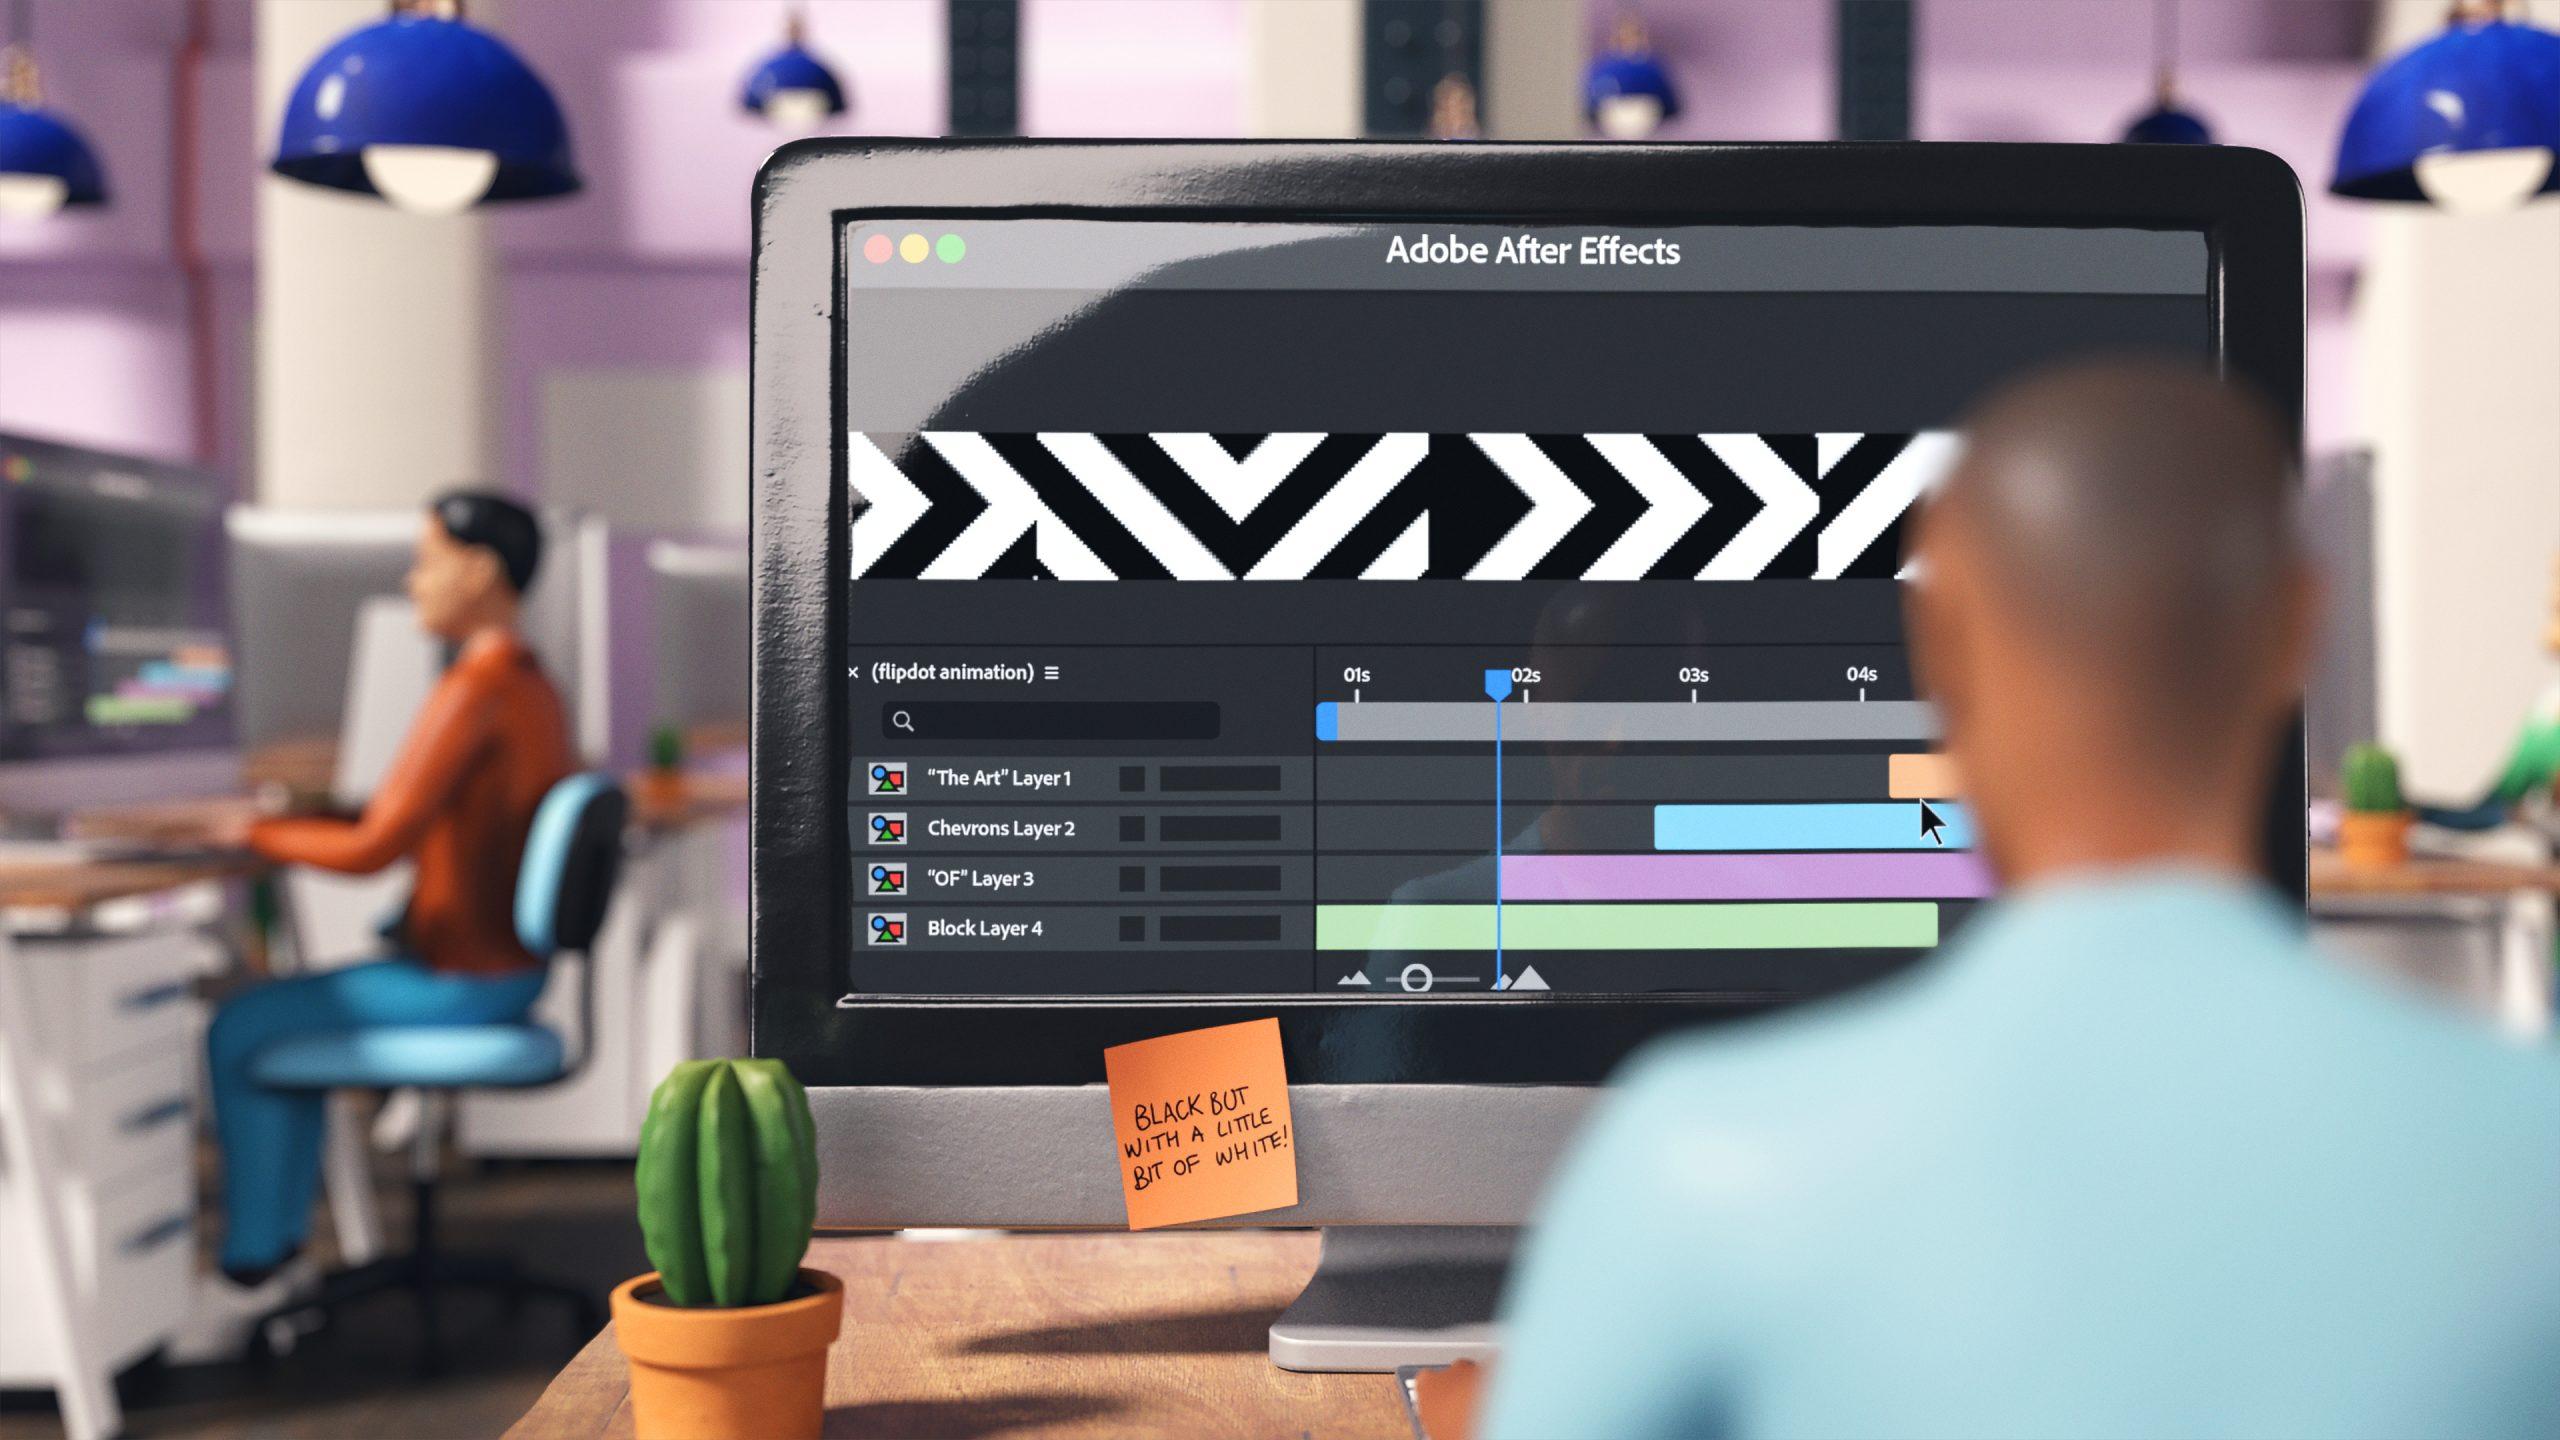 Adobe-CCT-Tales-of-Scale-Key-Visuals-15022020_0003_ScreenAE.jpeg